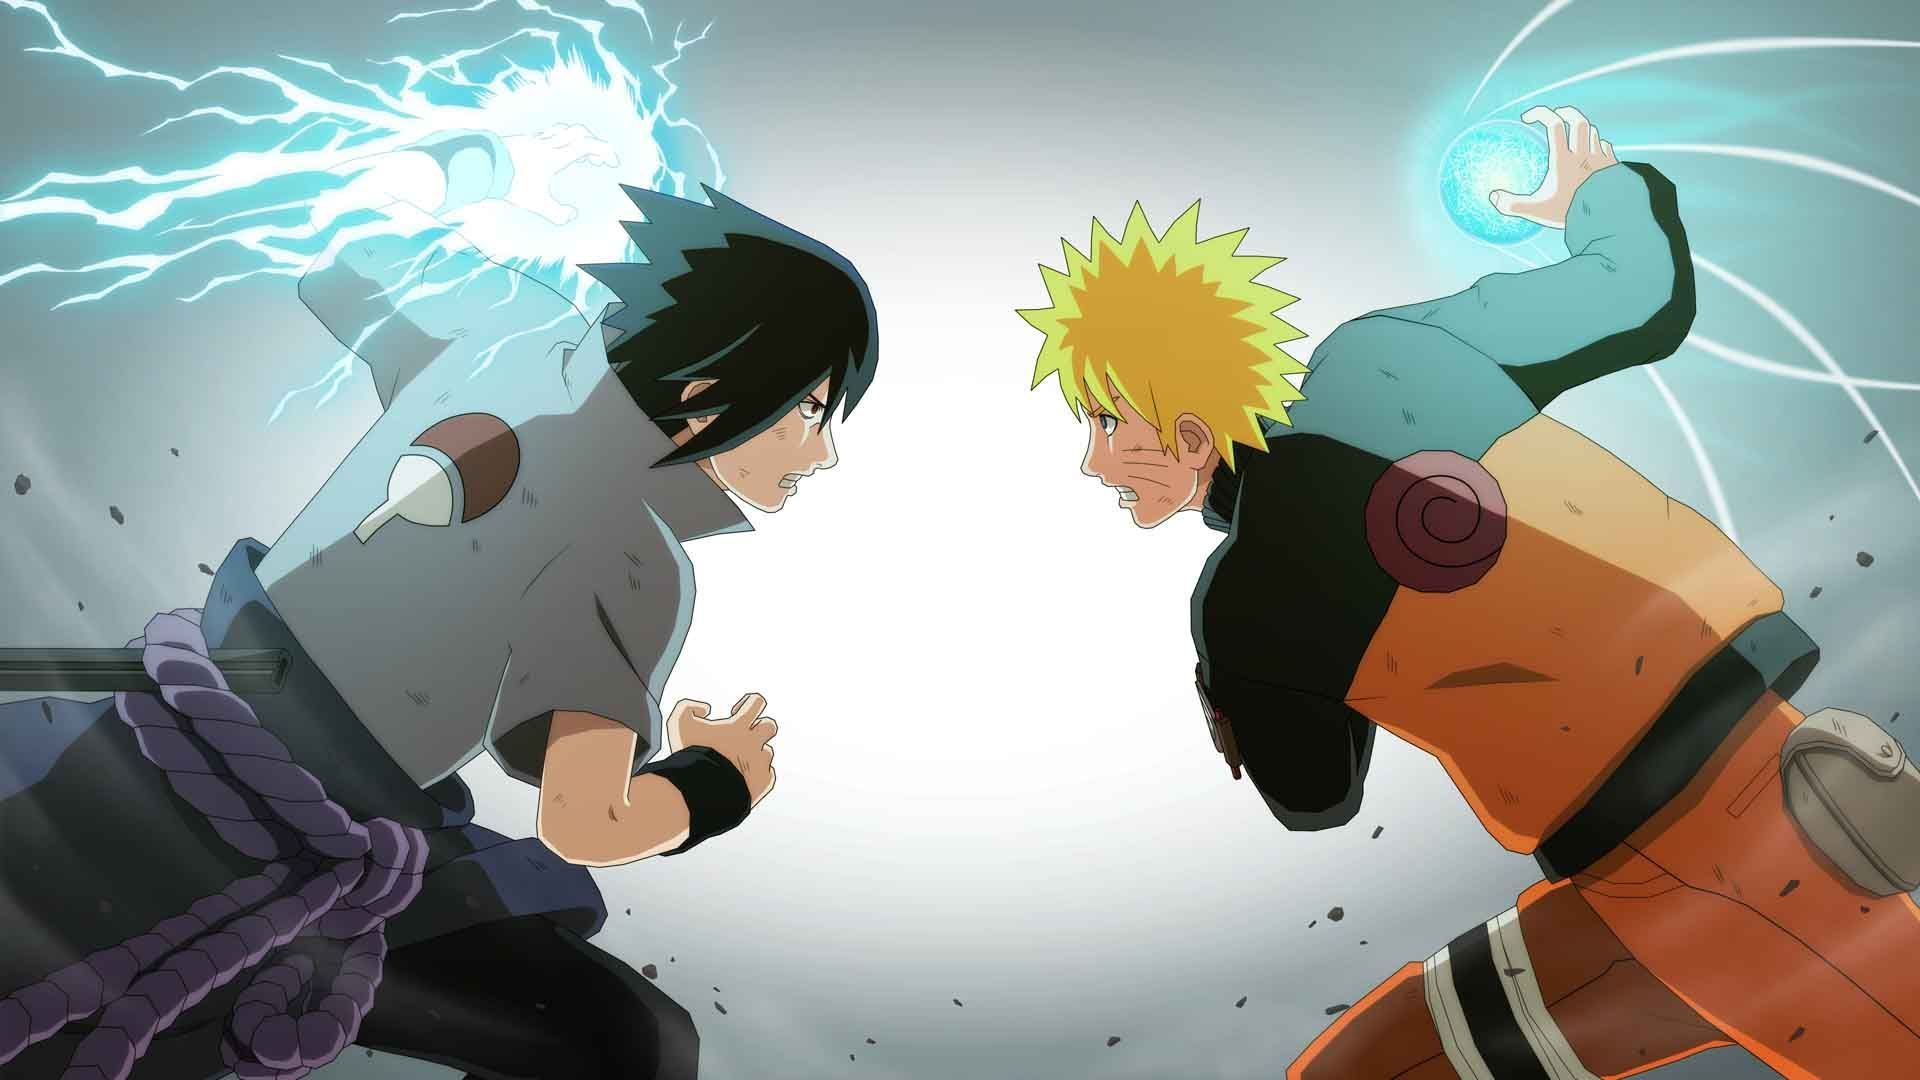 Naruto Wallpaper 4k Ps4